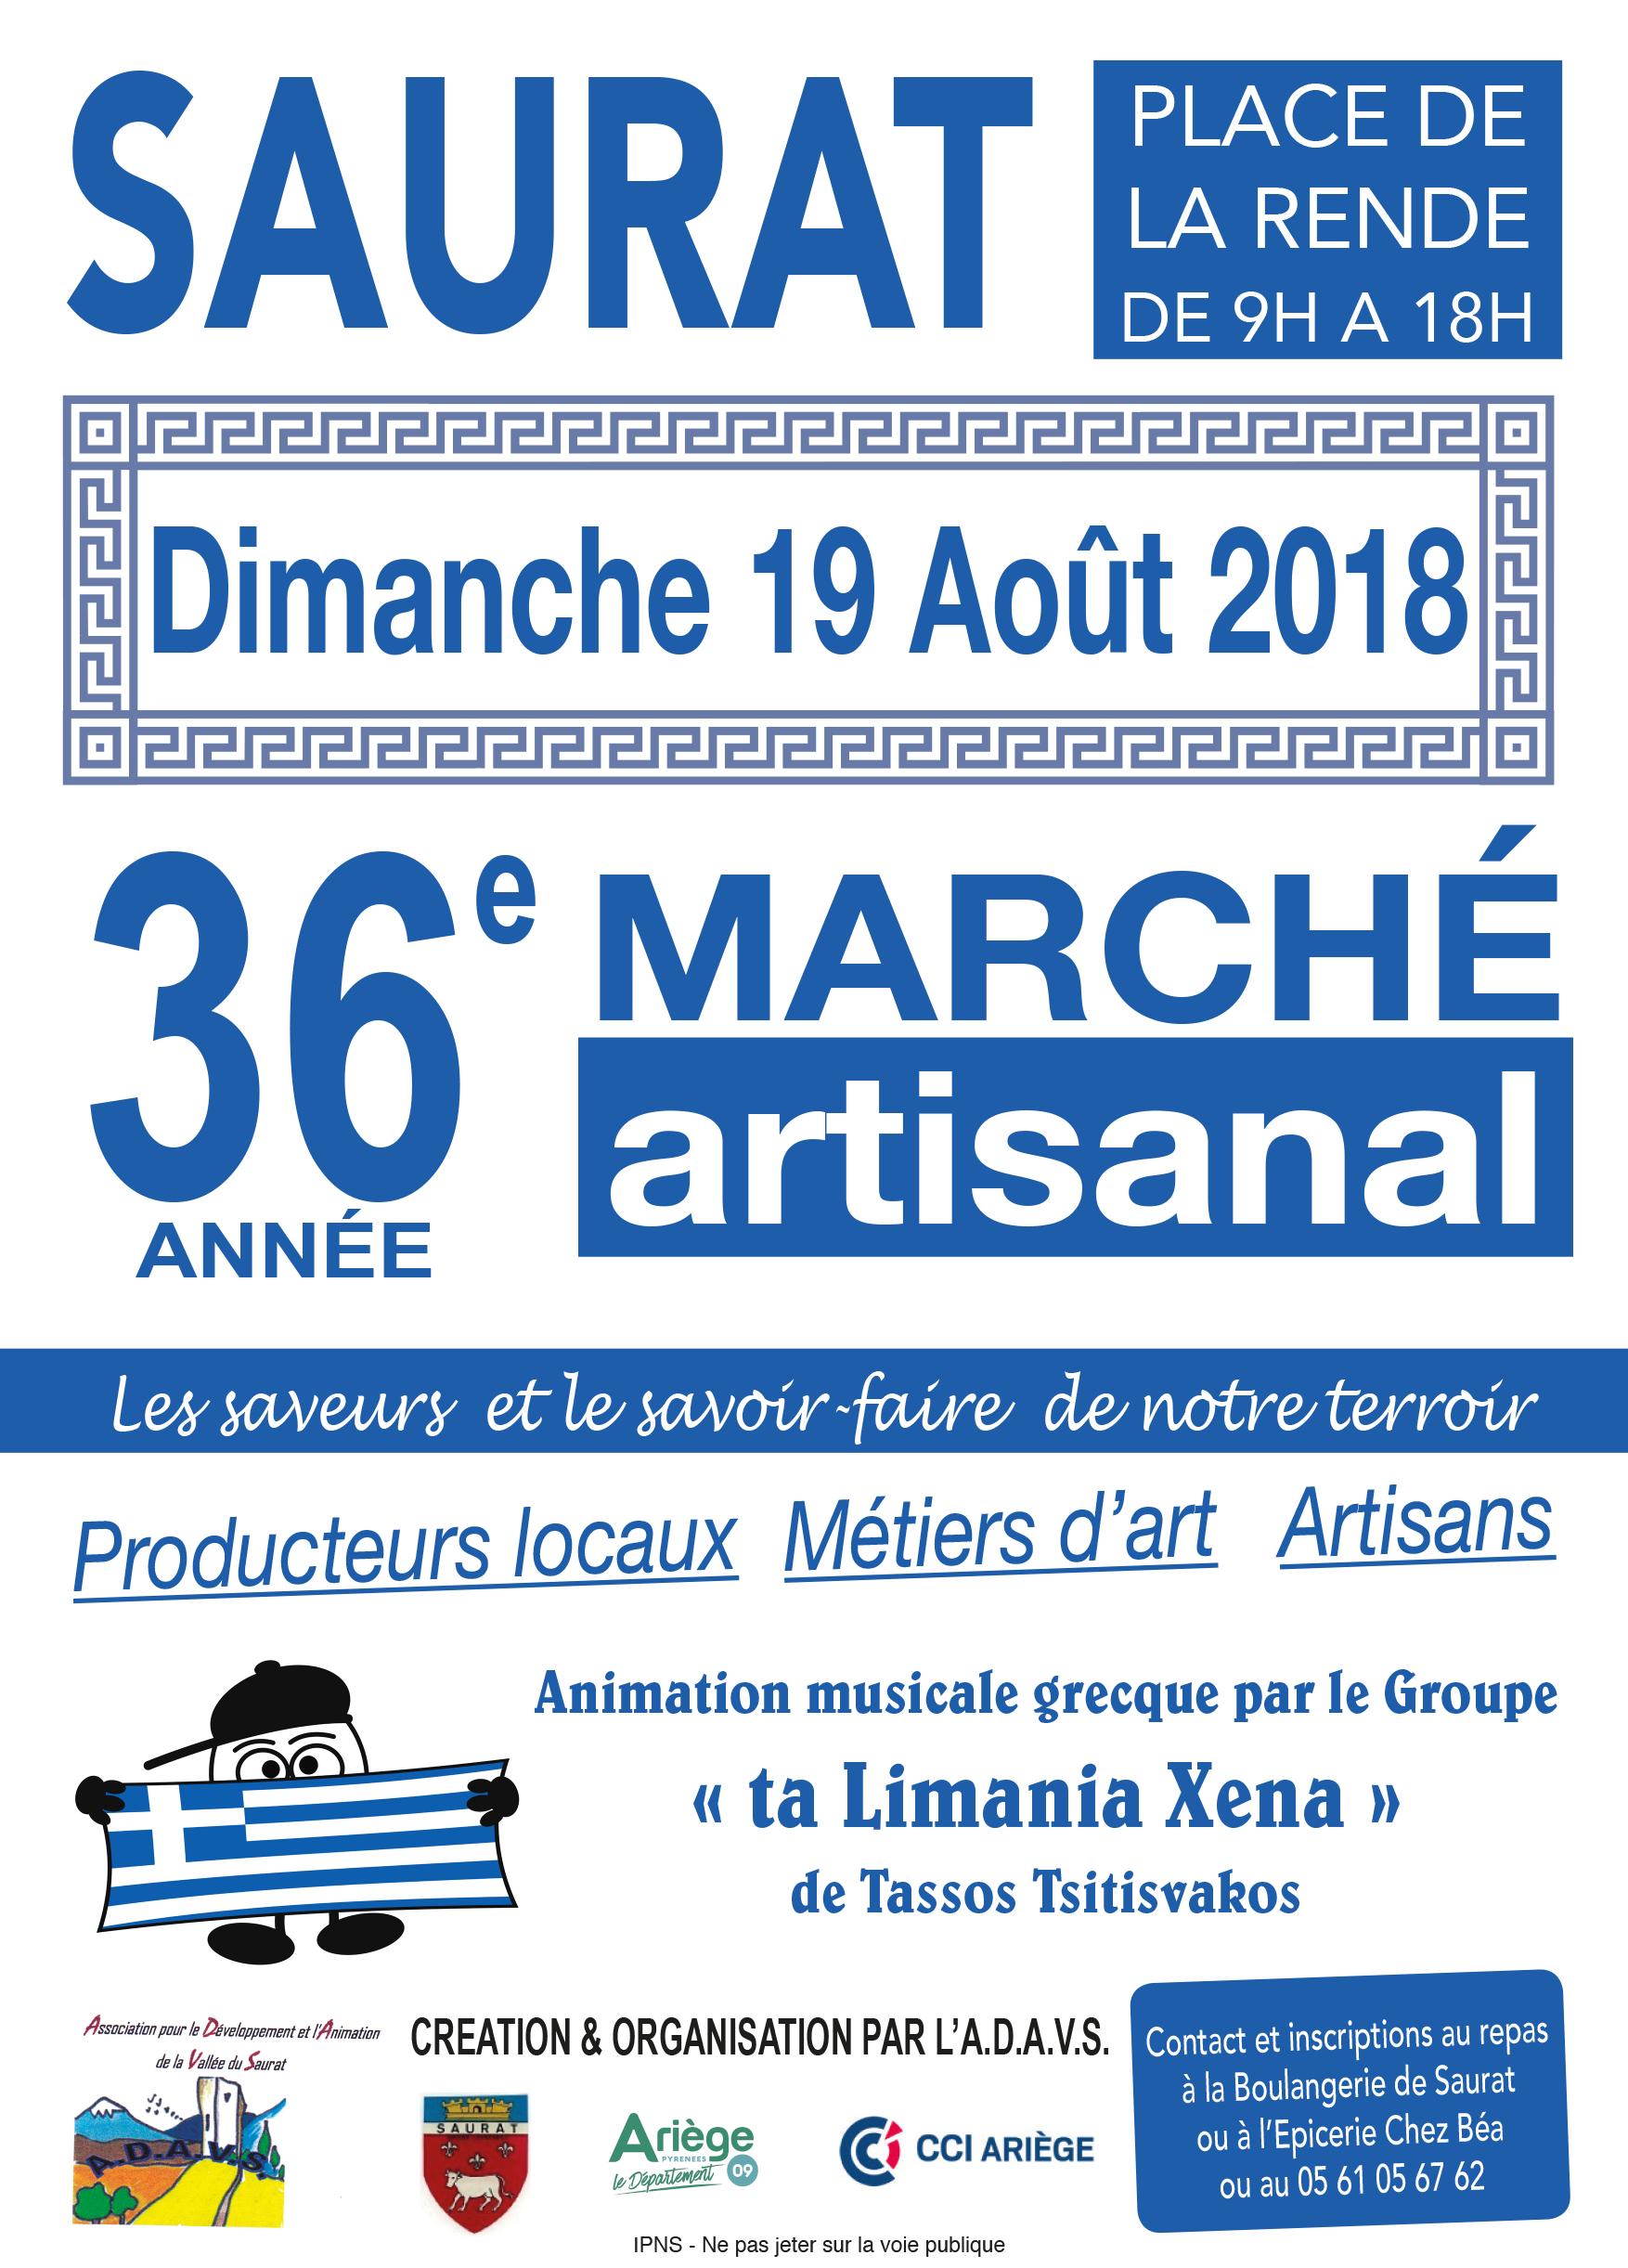 Saurat Marché artisanal d'aout 2018